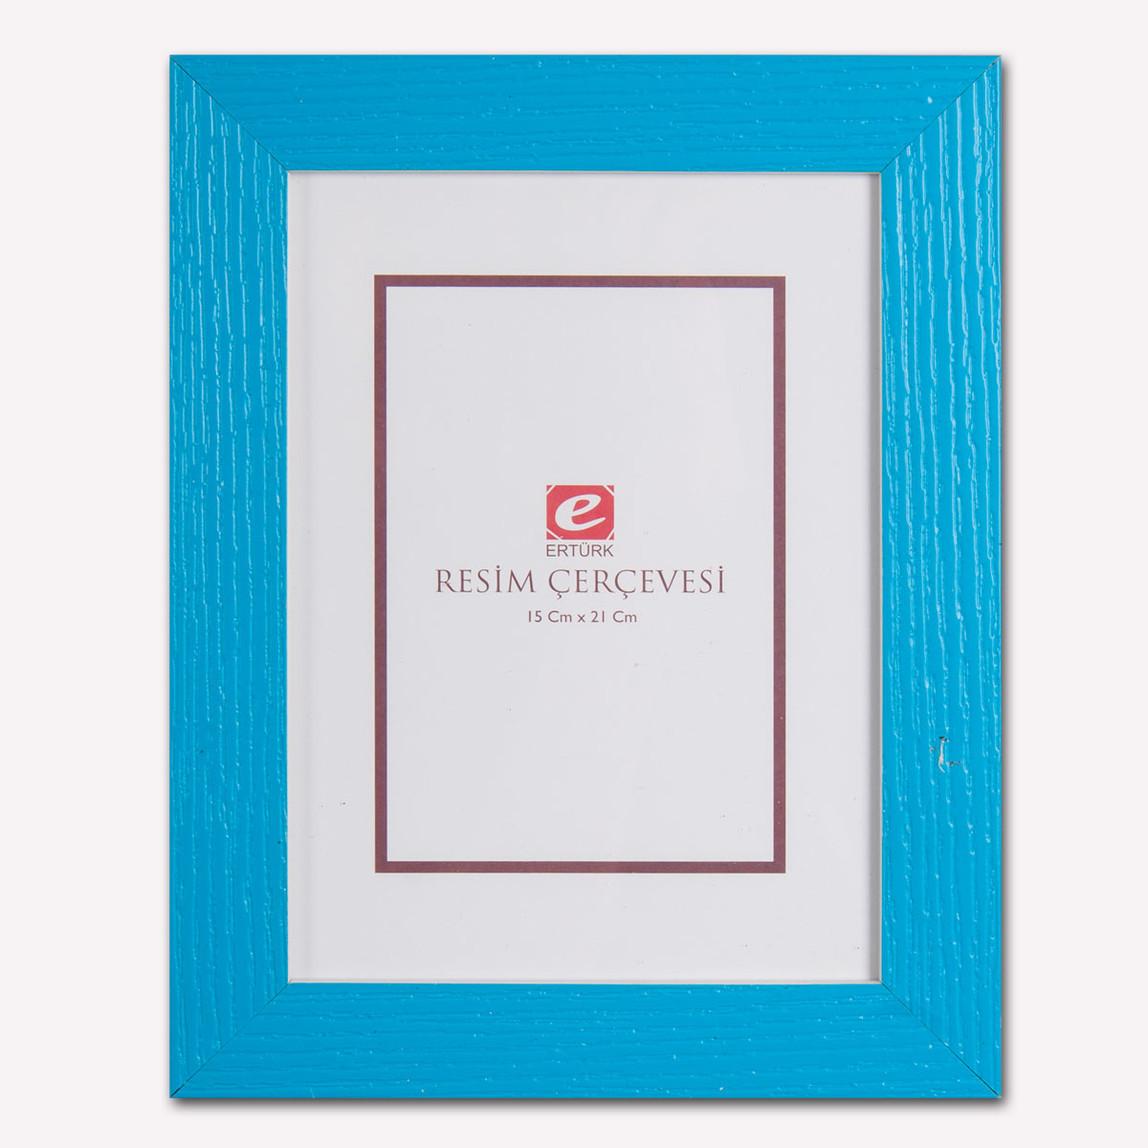 15x21 cm Mavi Masa Üstü Resim Çerçevesi